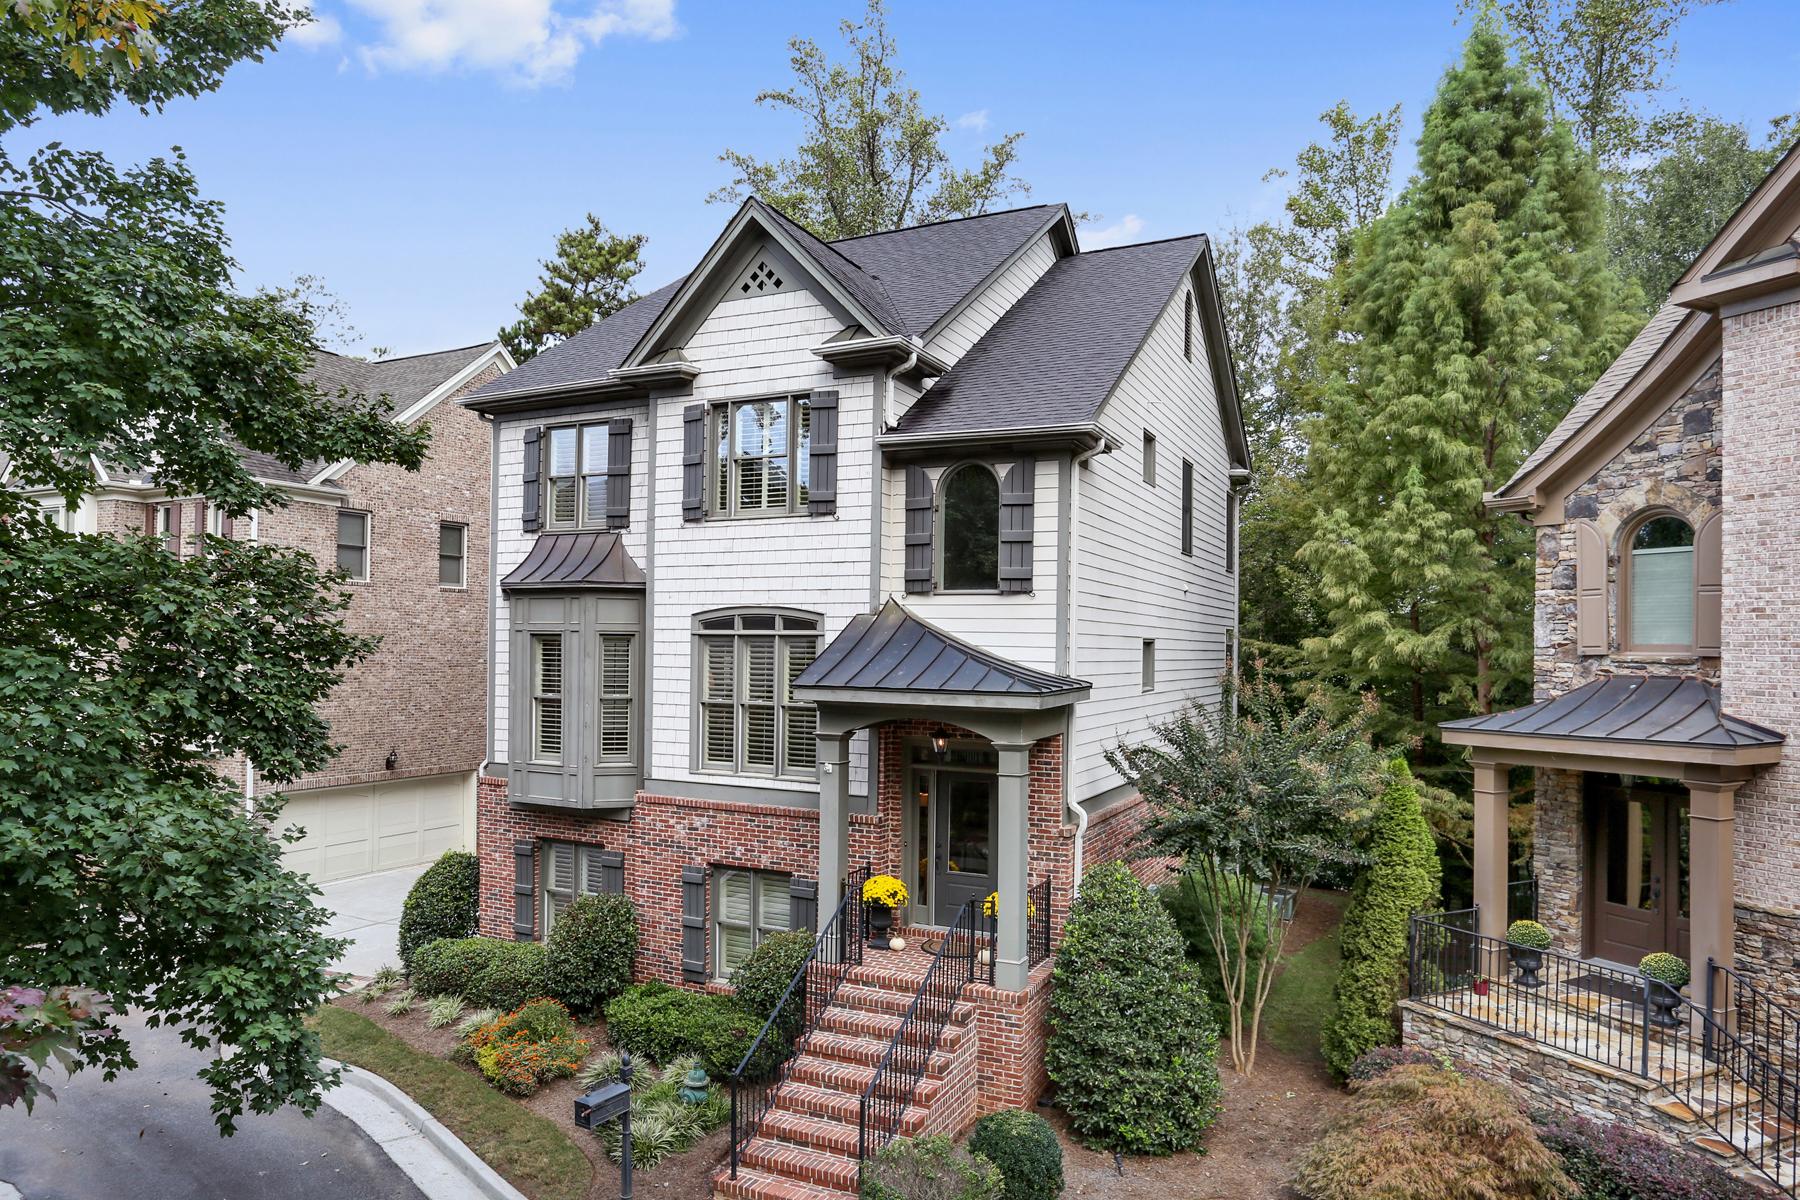 단독 가정 주택 용 매매 에 Beautiful Home in Desirable Sandy Springs 1012 Madeline Lane Atlanta, 조지아 30350 미국